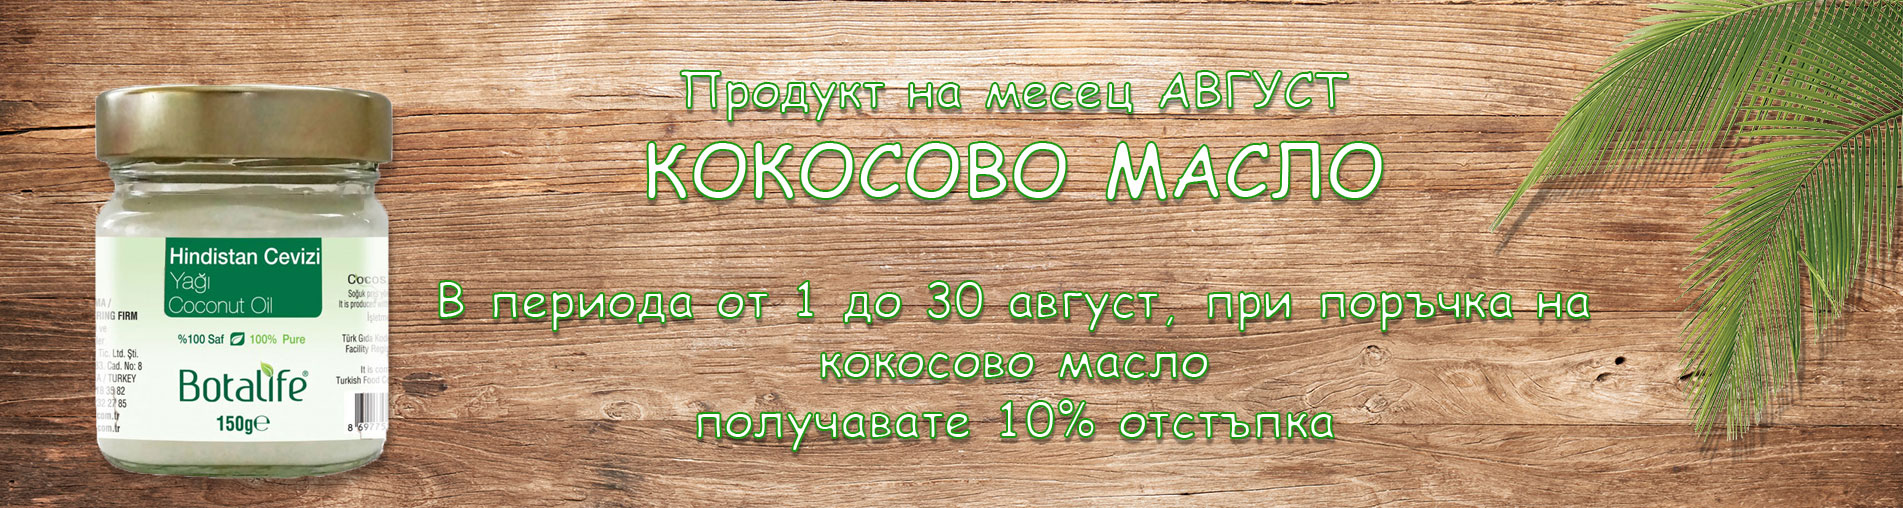 Промоция кокосово масло